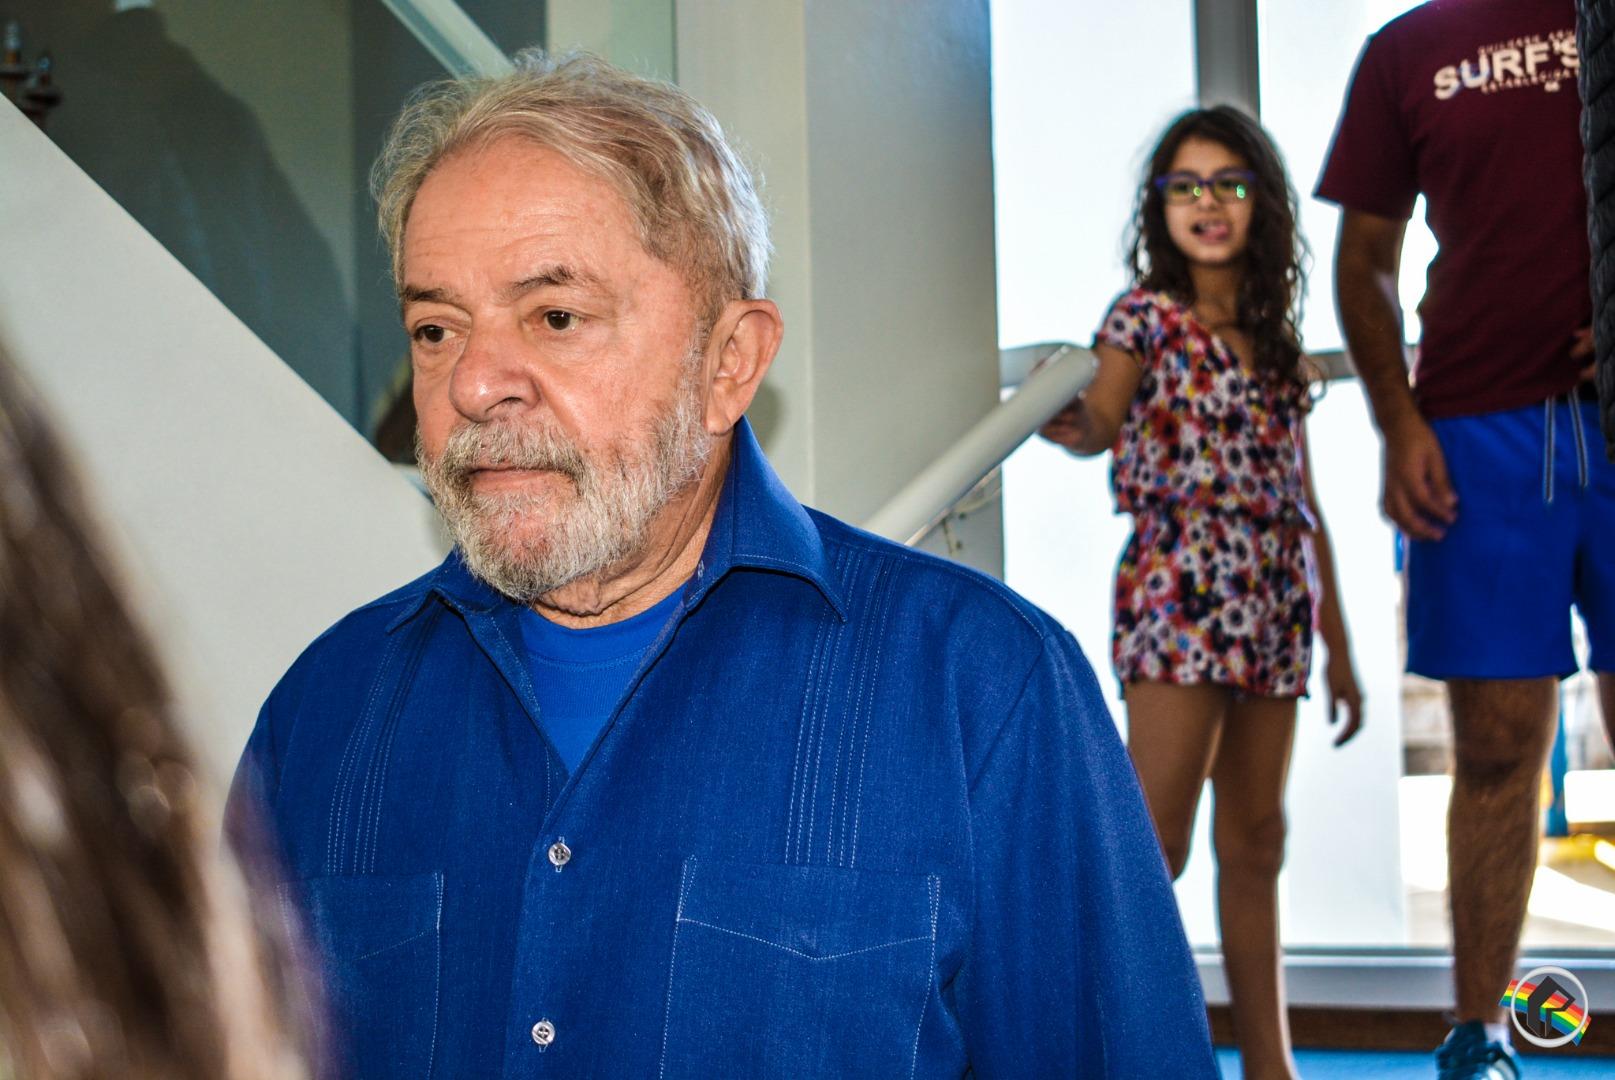 Novo pedido de liberdade de Lula será julgado na próxima semana